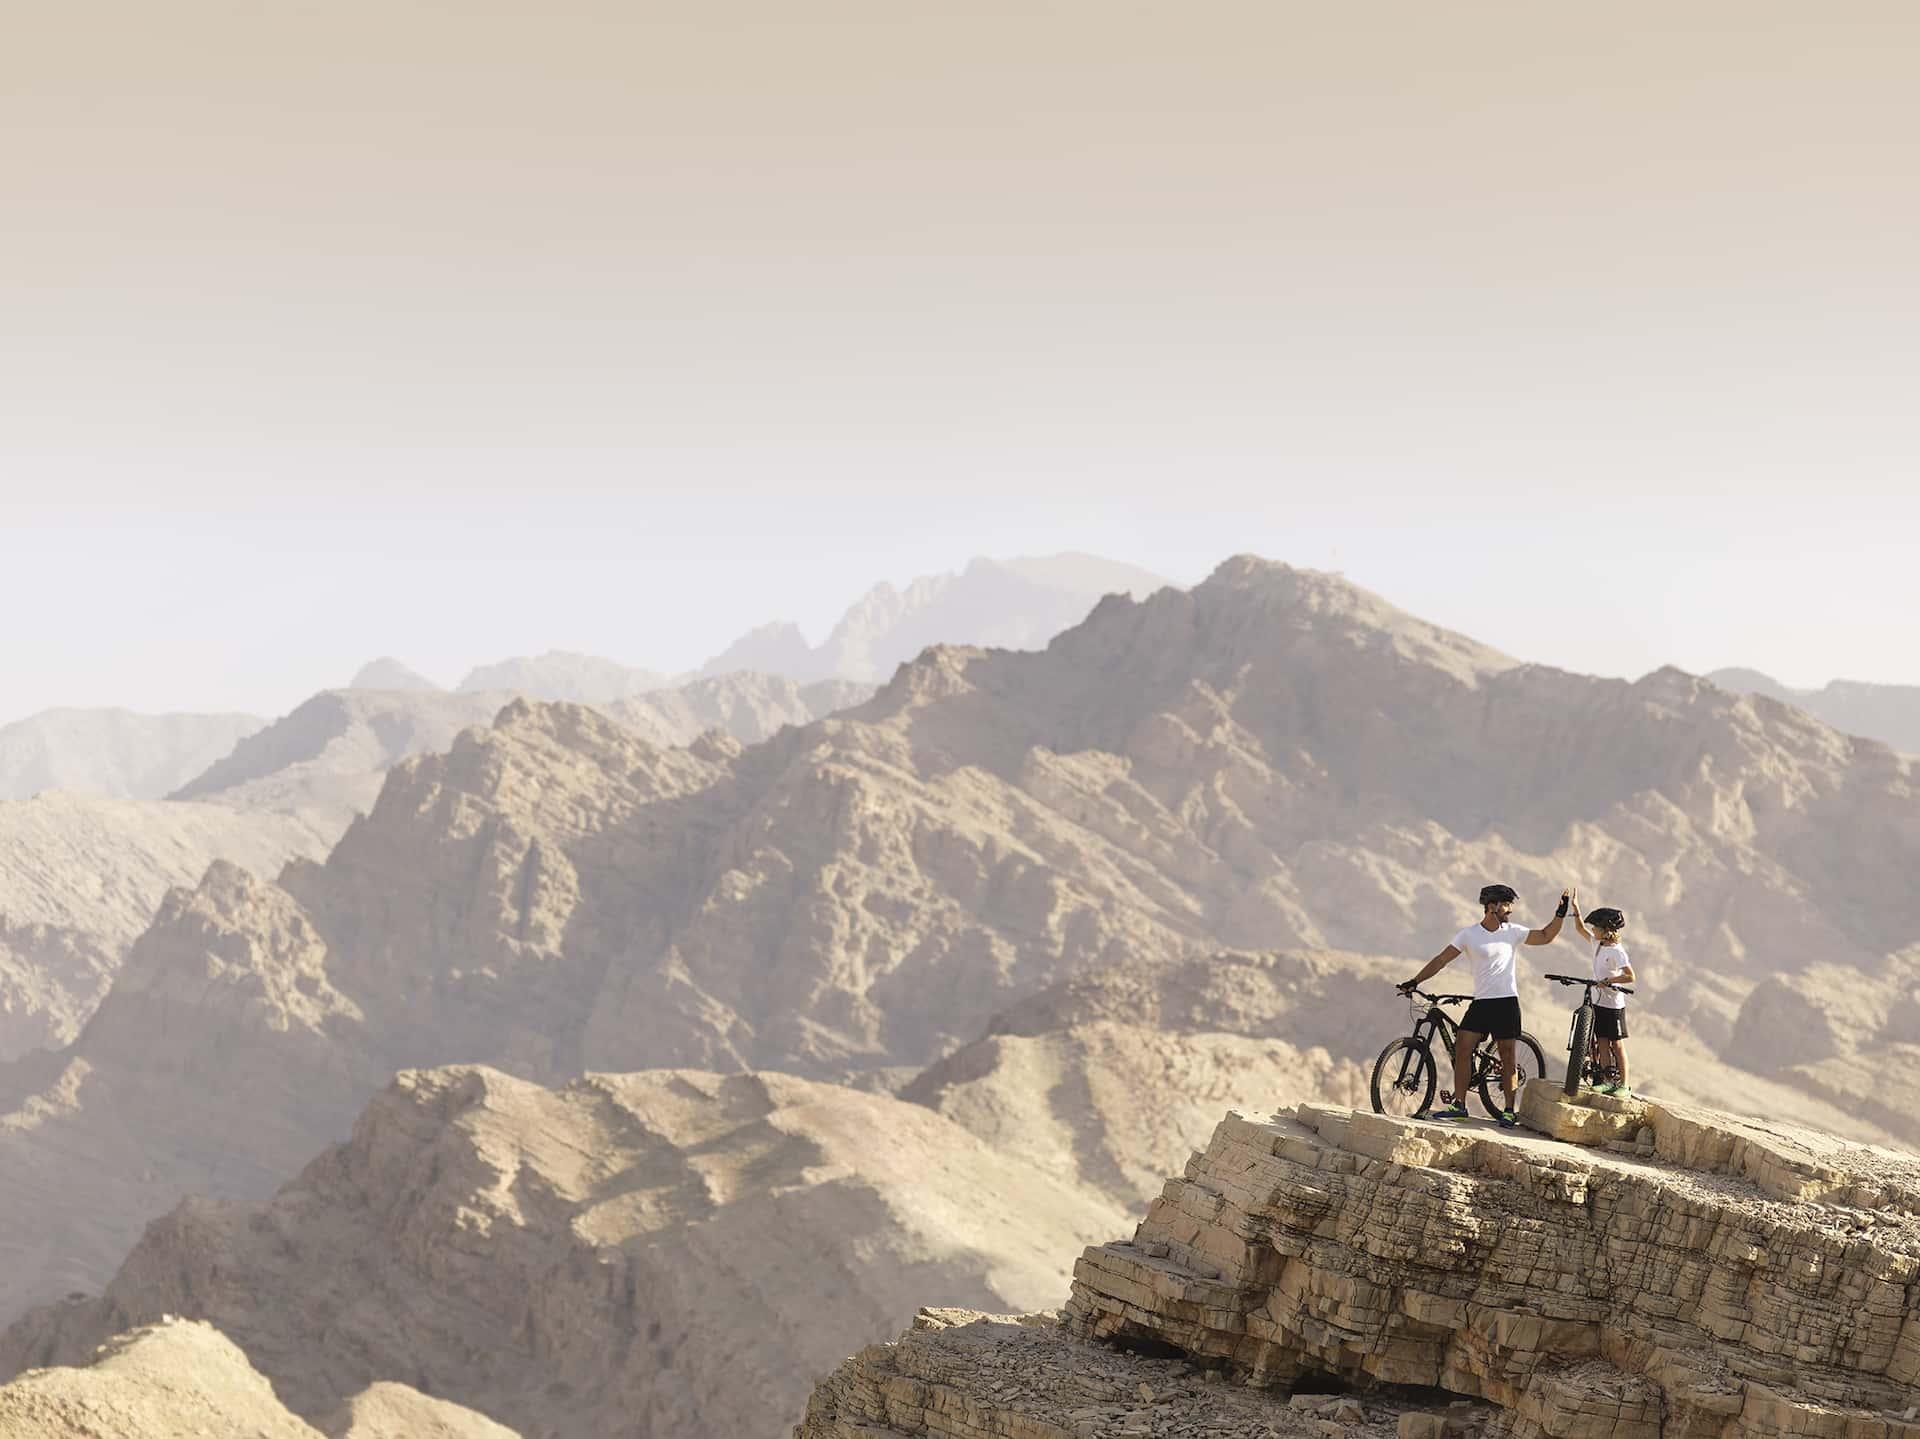 Ras Al Khaima Mountain Biking Father Son, фото